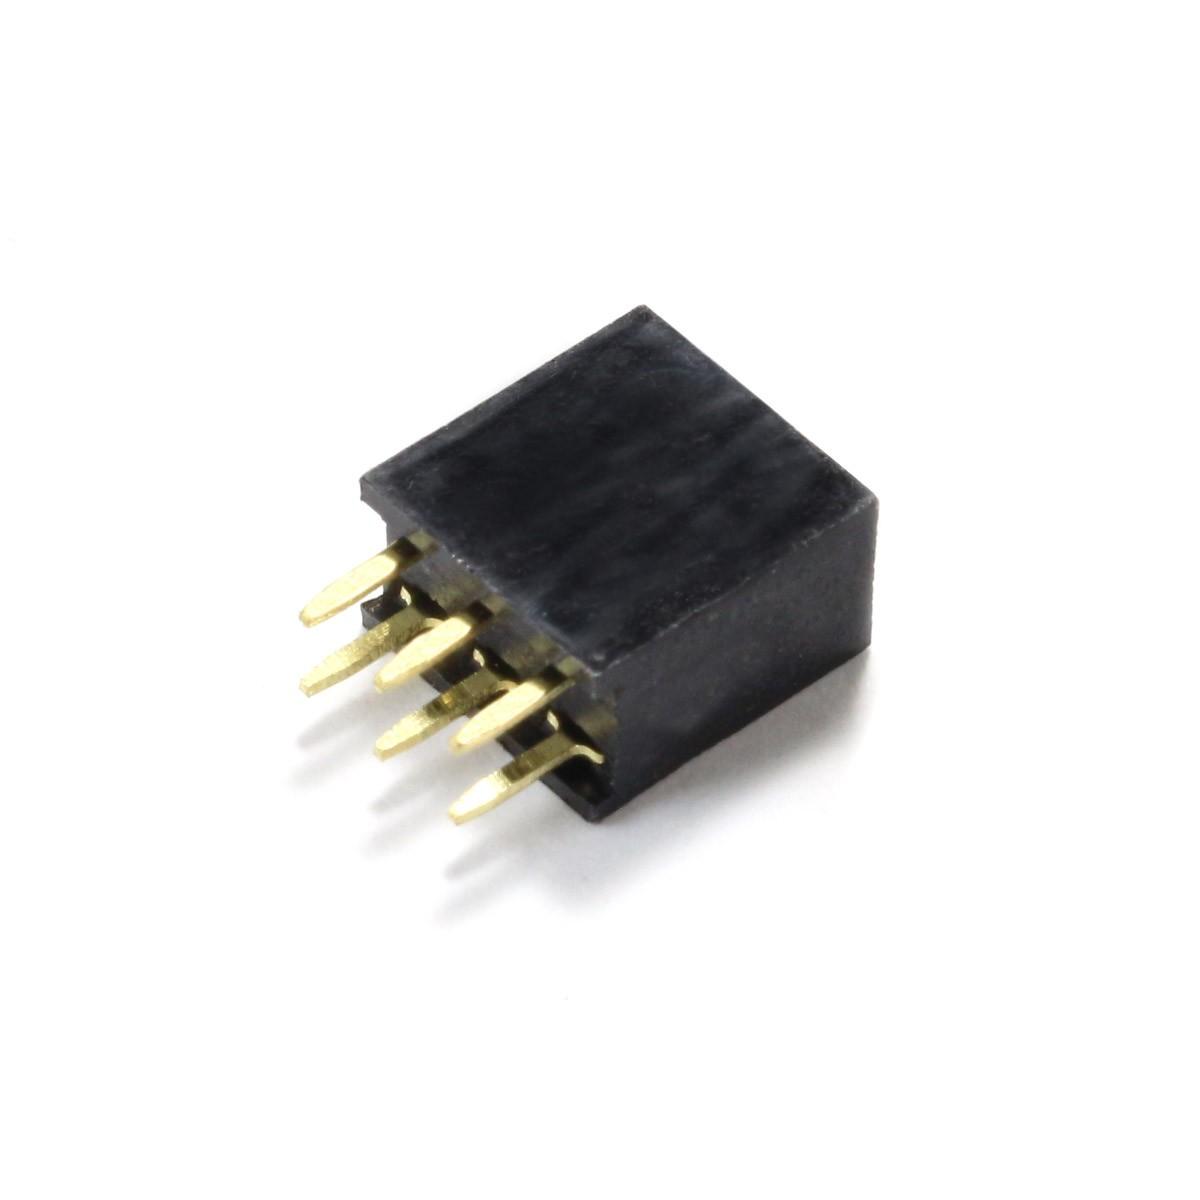 Connecteur Barrette 2.54mm Mâle / Femelle 2x3 Pôles 3mm (Unité)